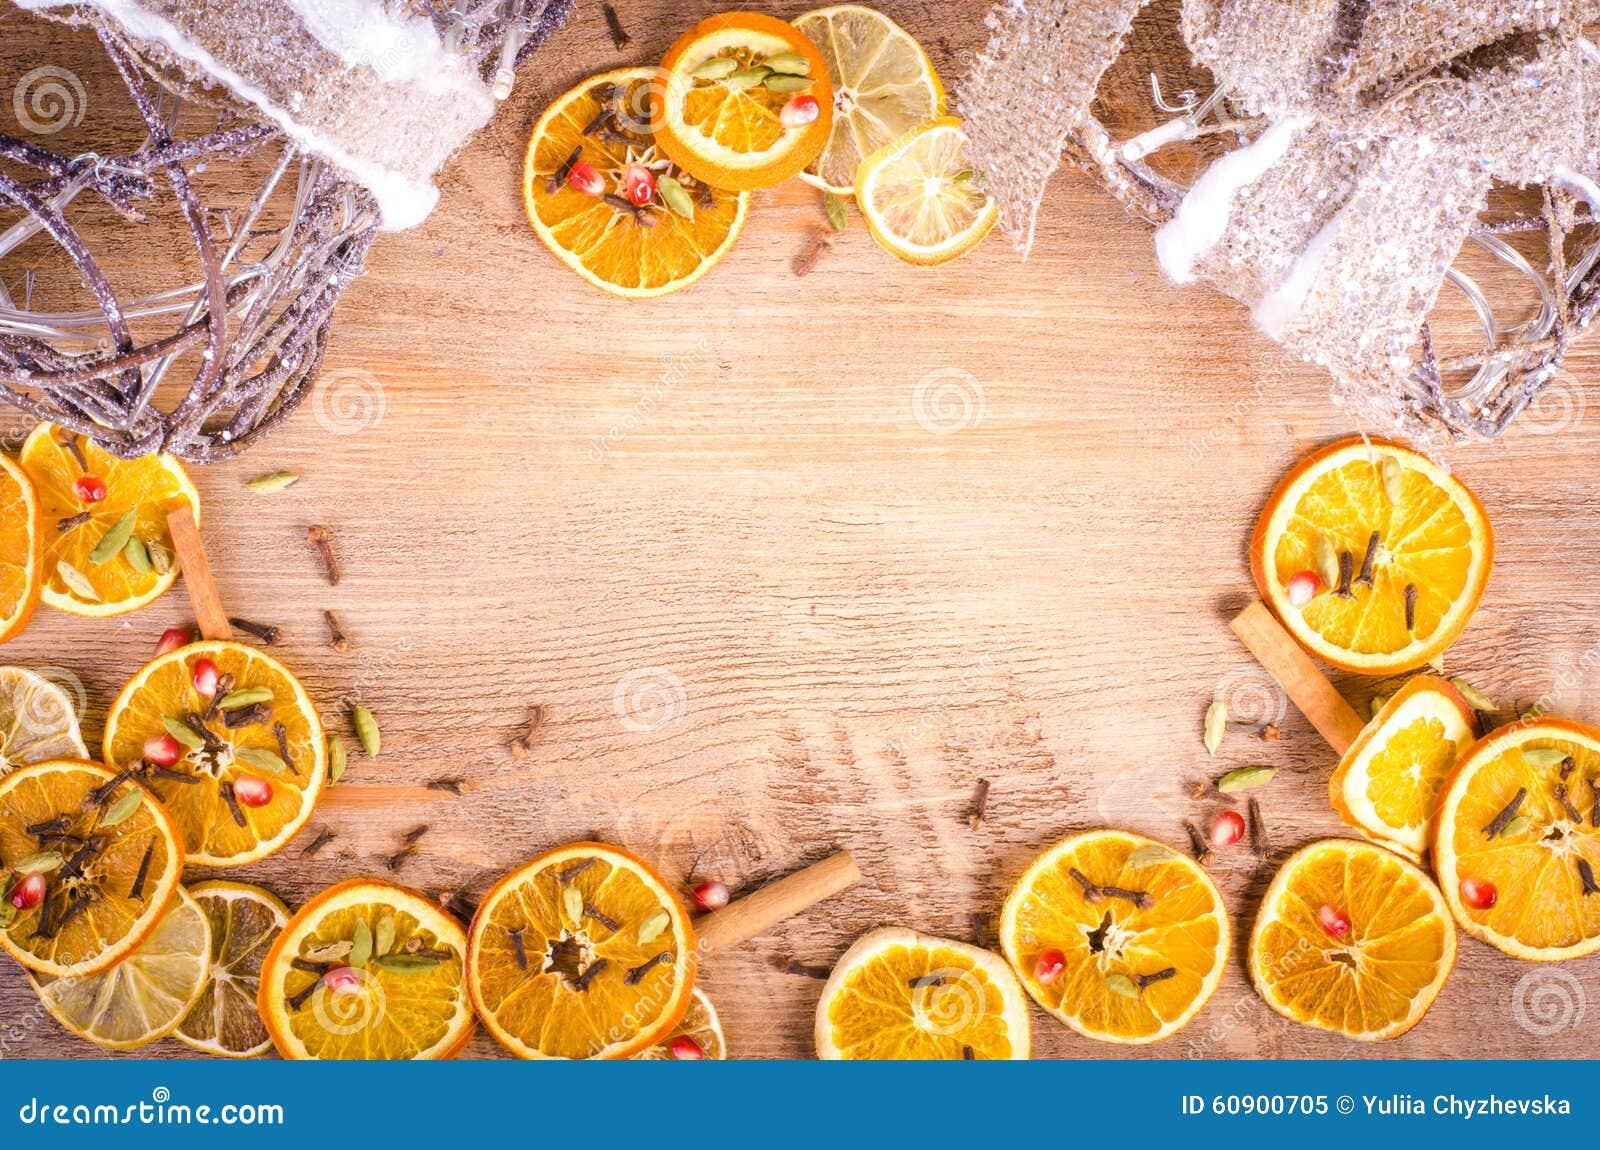 scheiben der getrockneten orange zitrone zimt nelken kardamom stockfoto bild 60900705. Black Bedroom Furniture Sets. Home Design Ideas